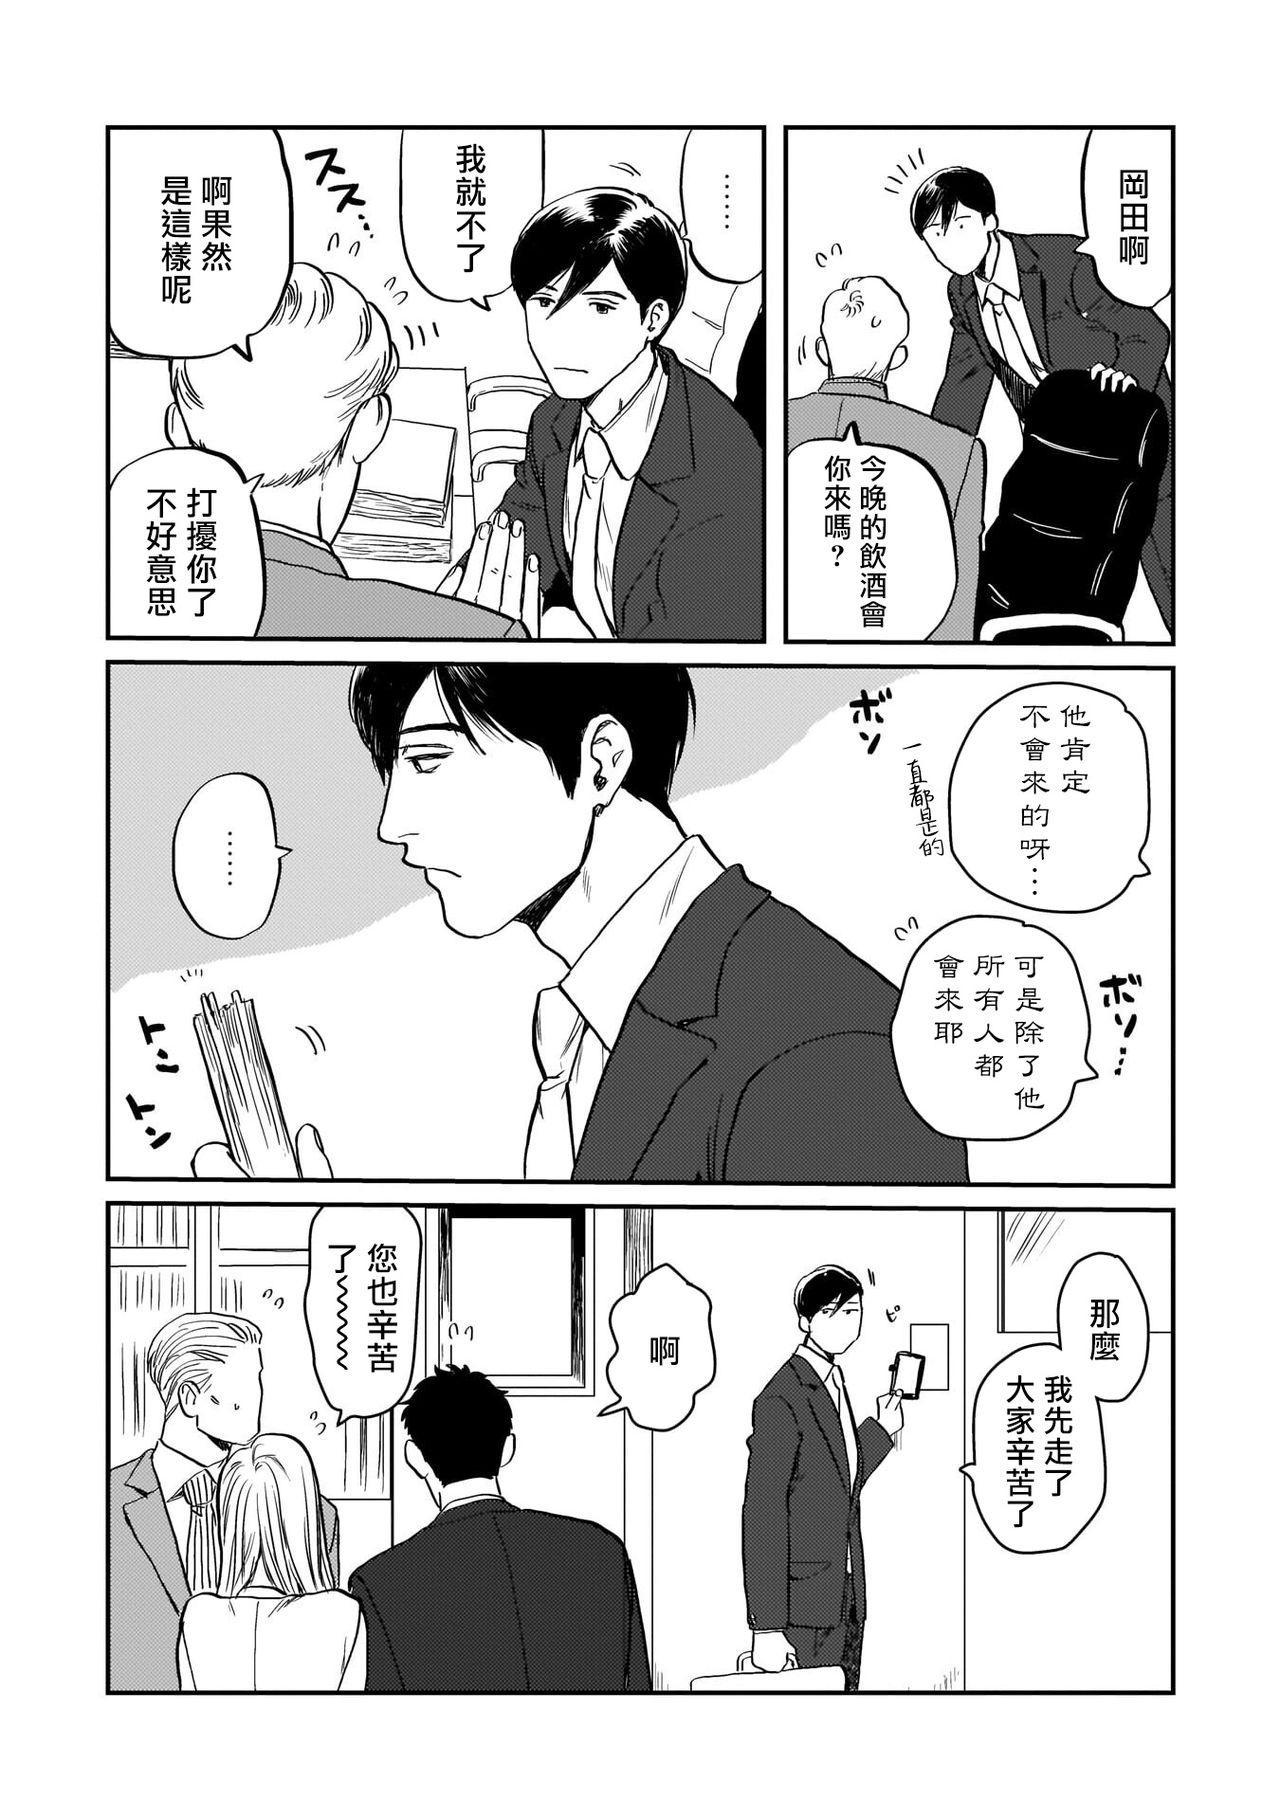 Kouhai no Oppai ga Suki Sugiru | 我太喜欢后辈的奶子了 Ch. 1-2 5